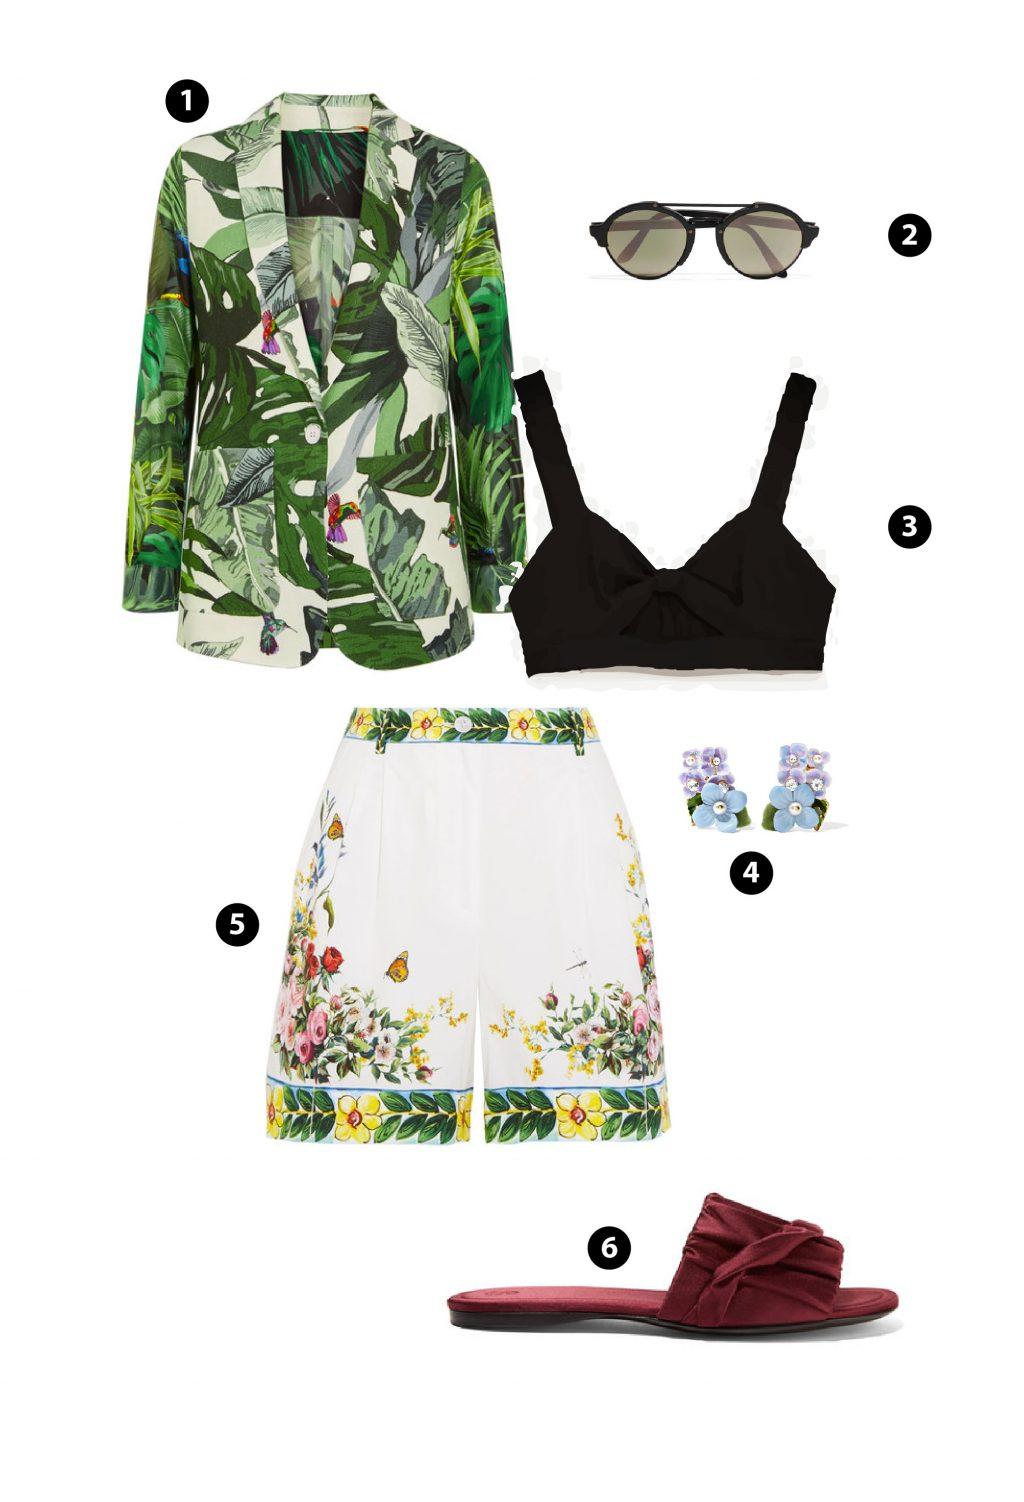 Blazer + Bermuda short - Công thức phối đồ sành điệu cho mùa hè - ELLE VN